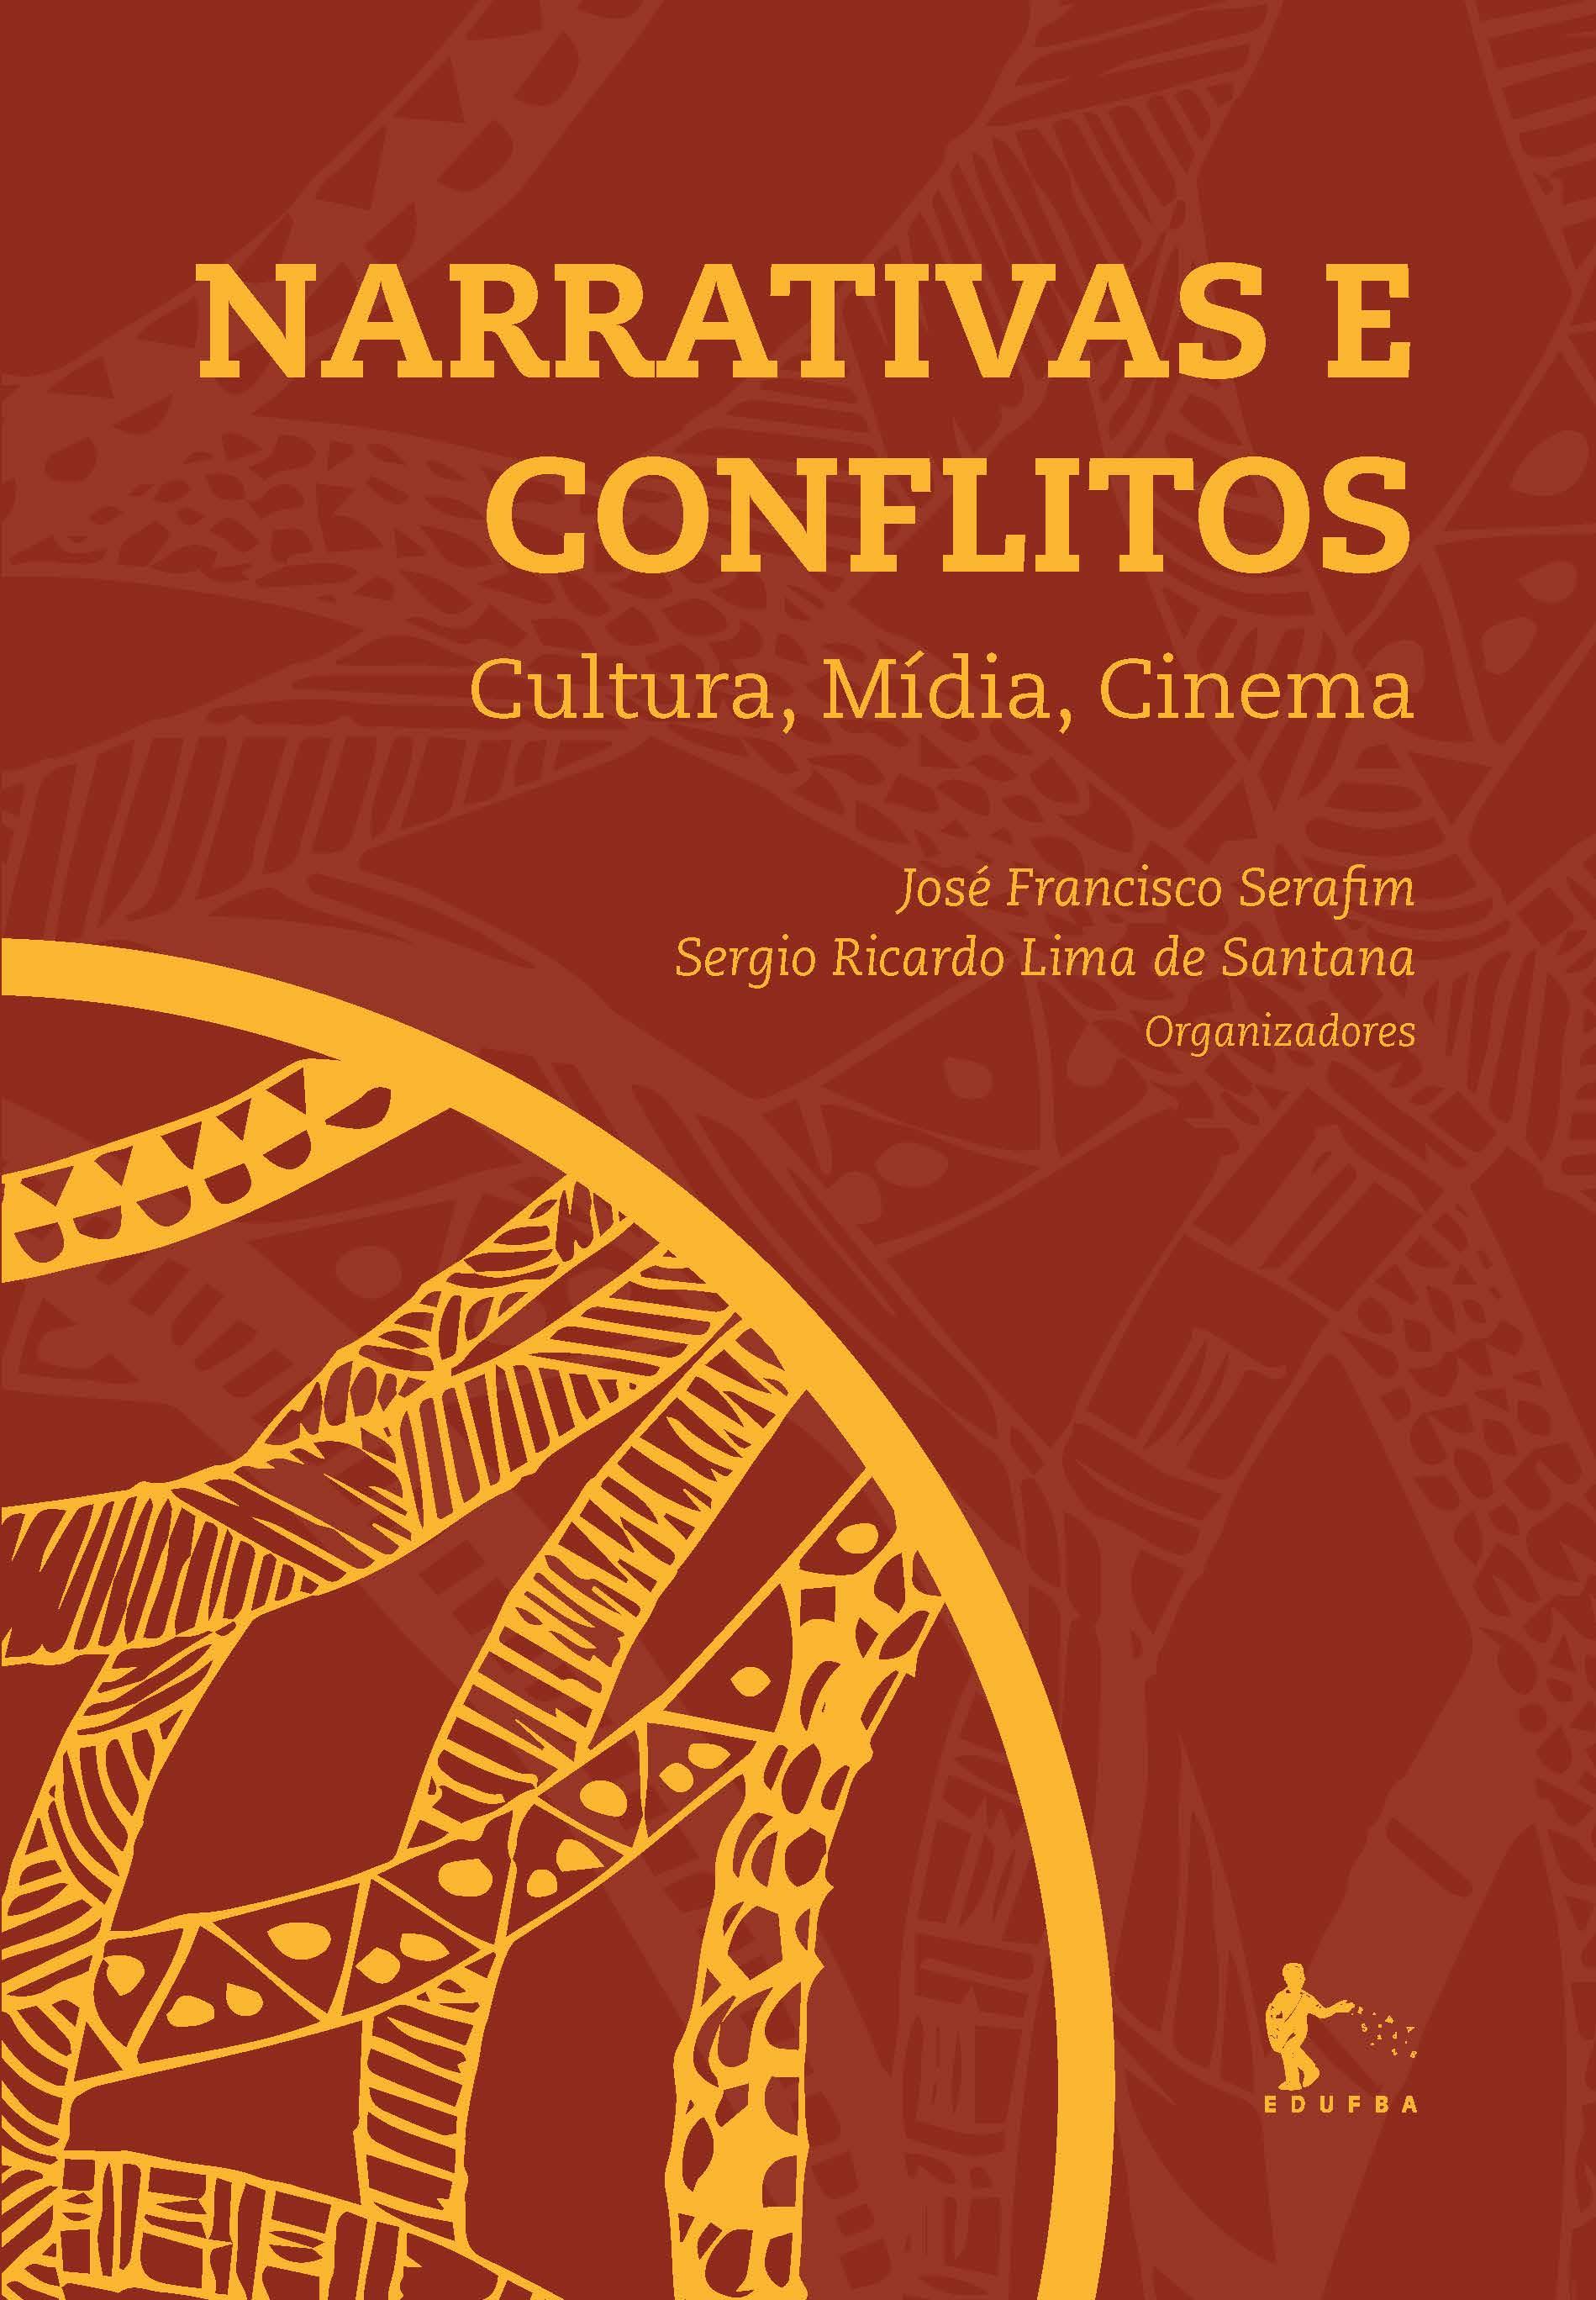 Narrativas e conflitos: cultura, mídia, cinema, livro de José Francisco Serafim, Sérgio Ricardo Lima de Santana (orgs.)